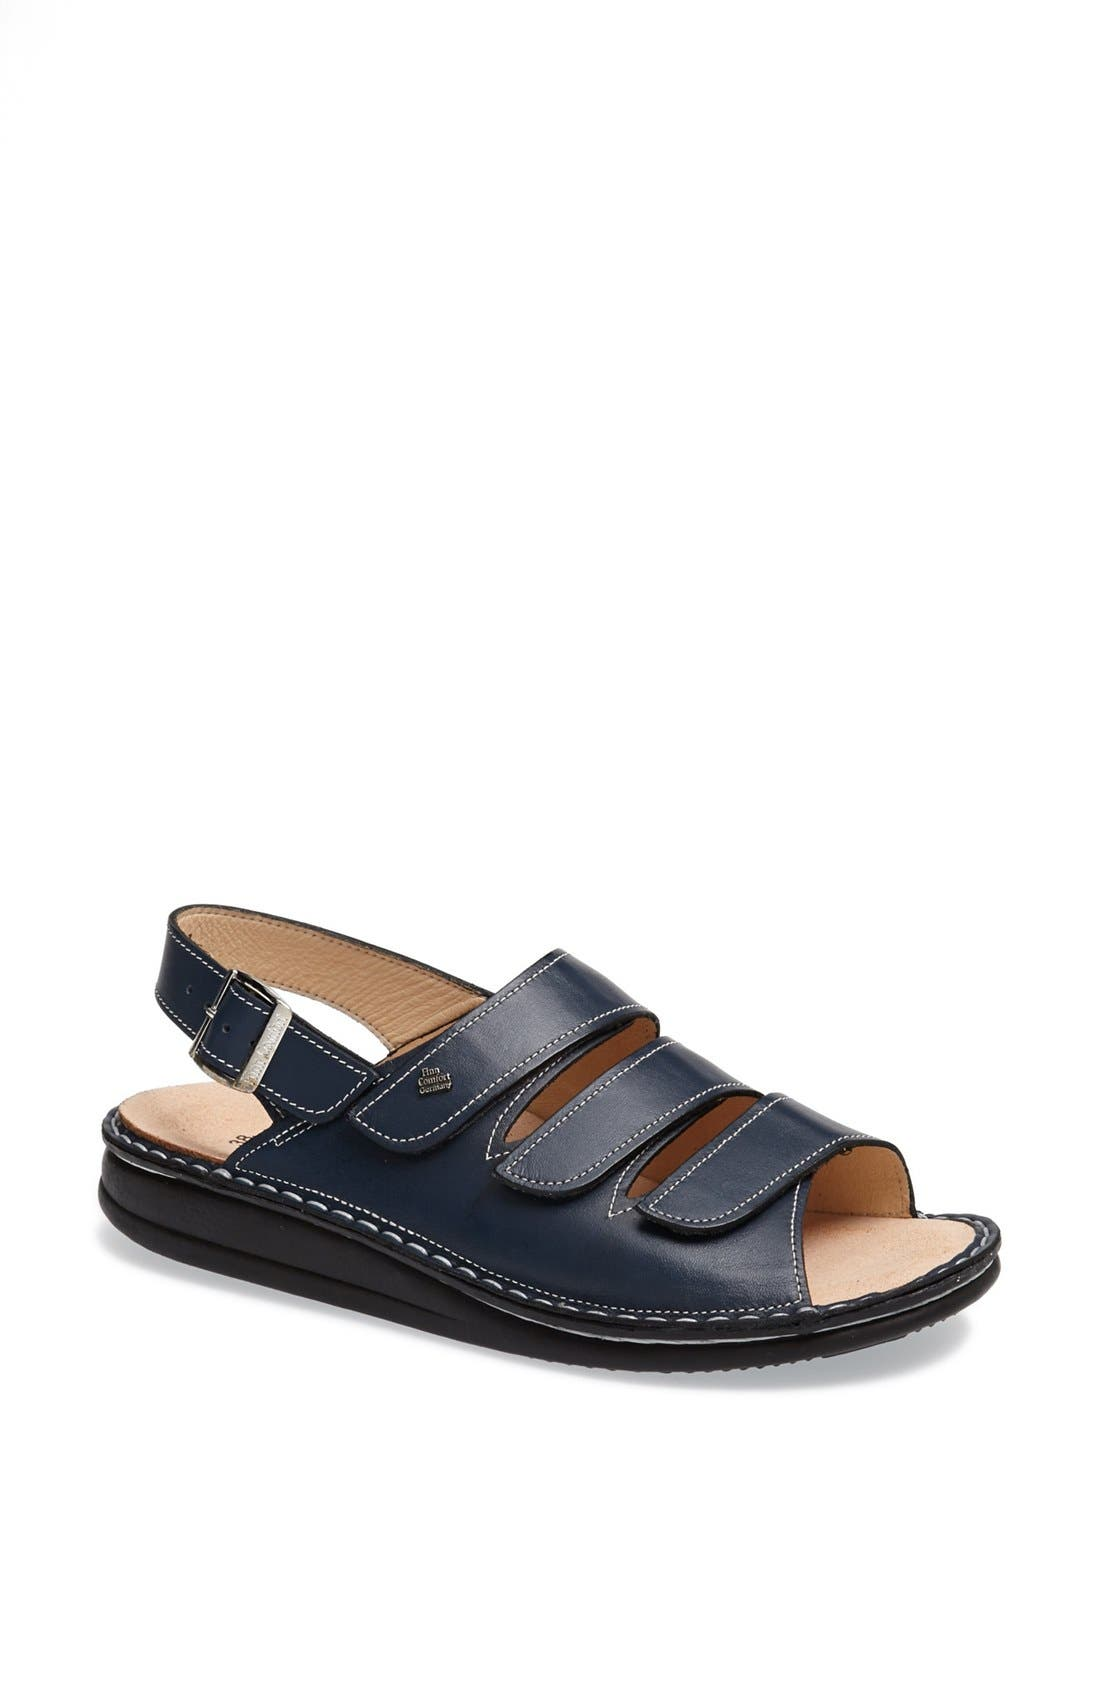 FINN COMFORT 'Sylt' Sandal